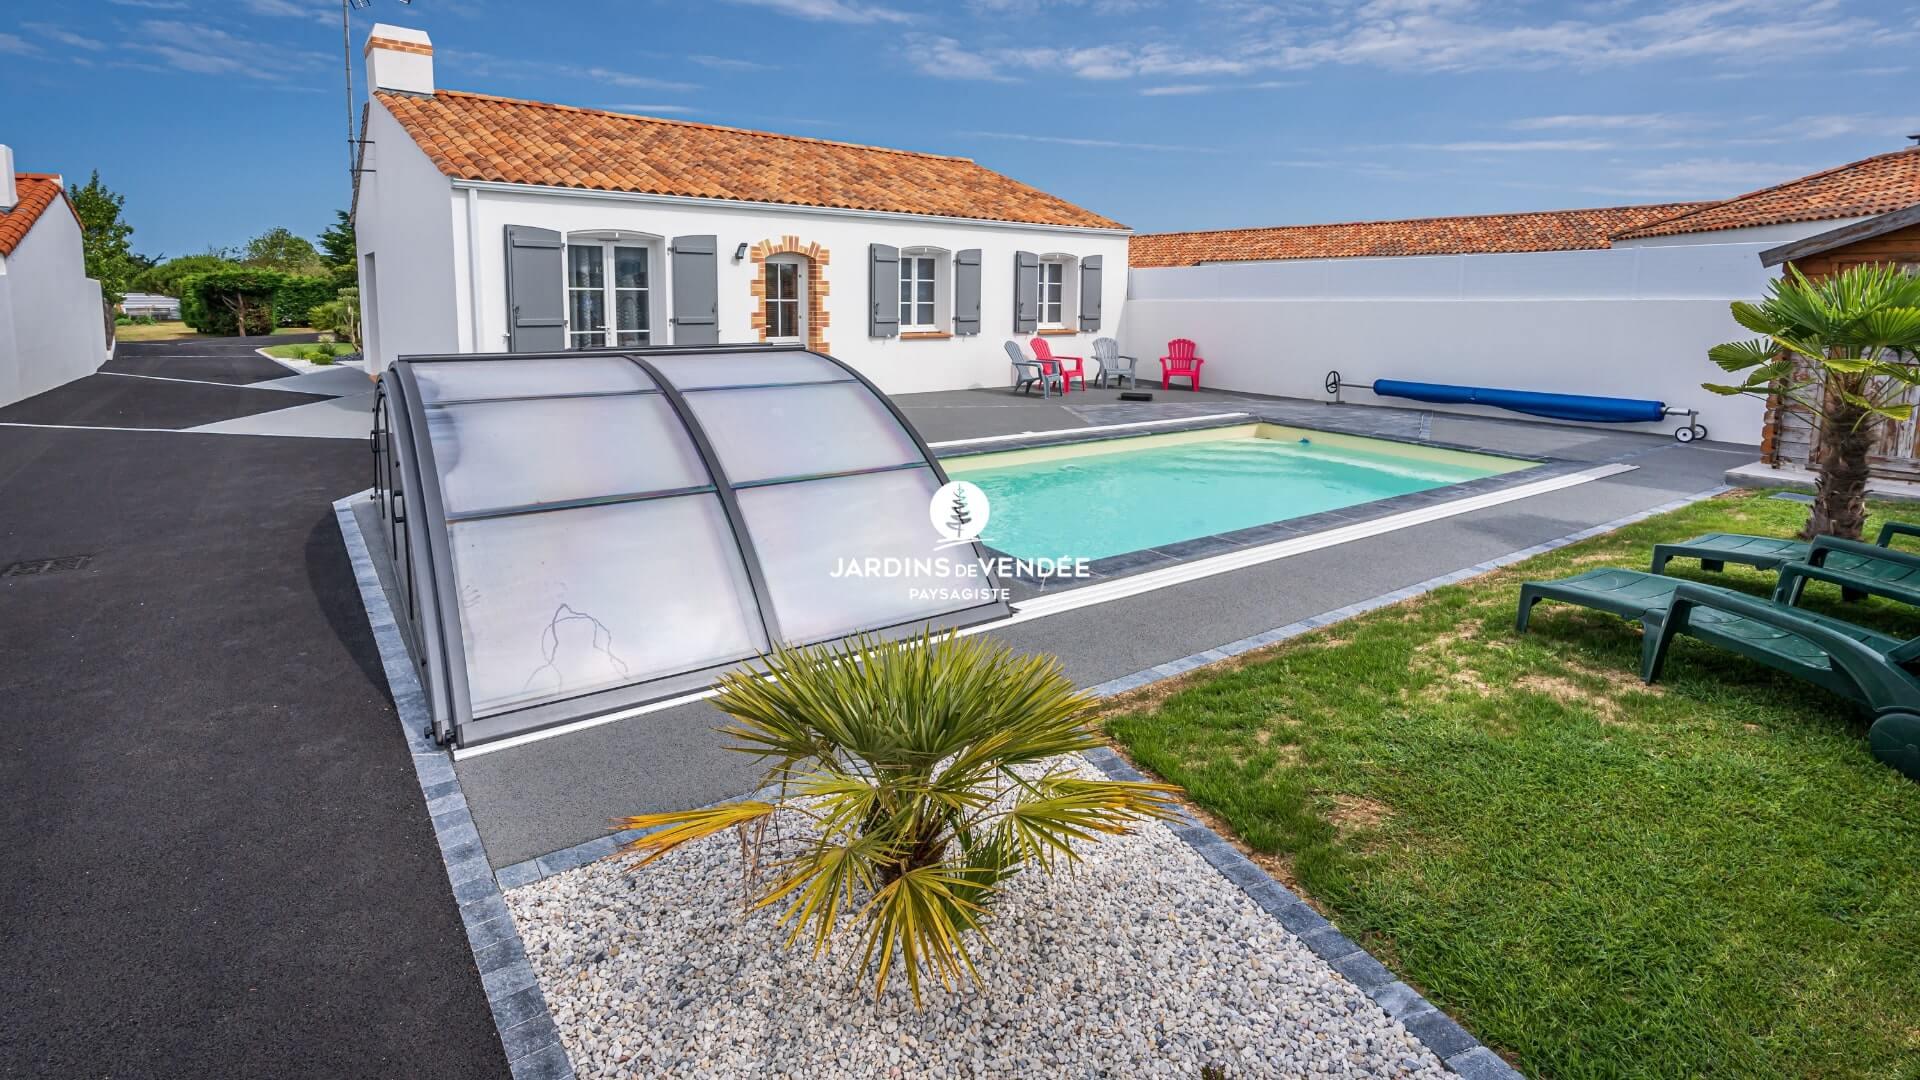 jardins-de-vendee-realisations-piscines-bassins(22)